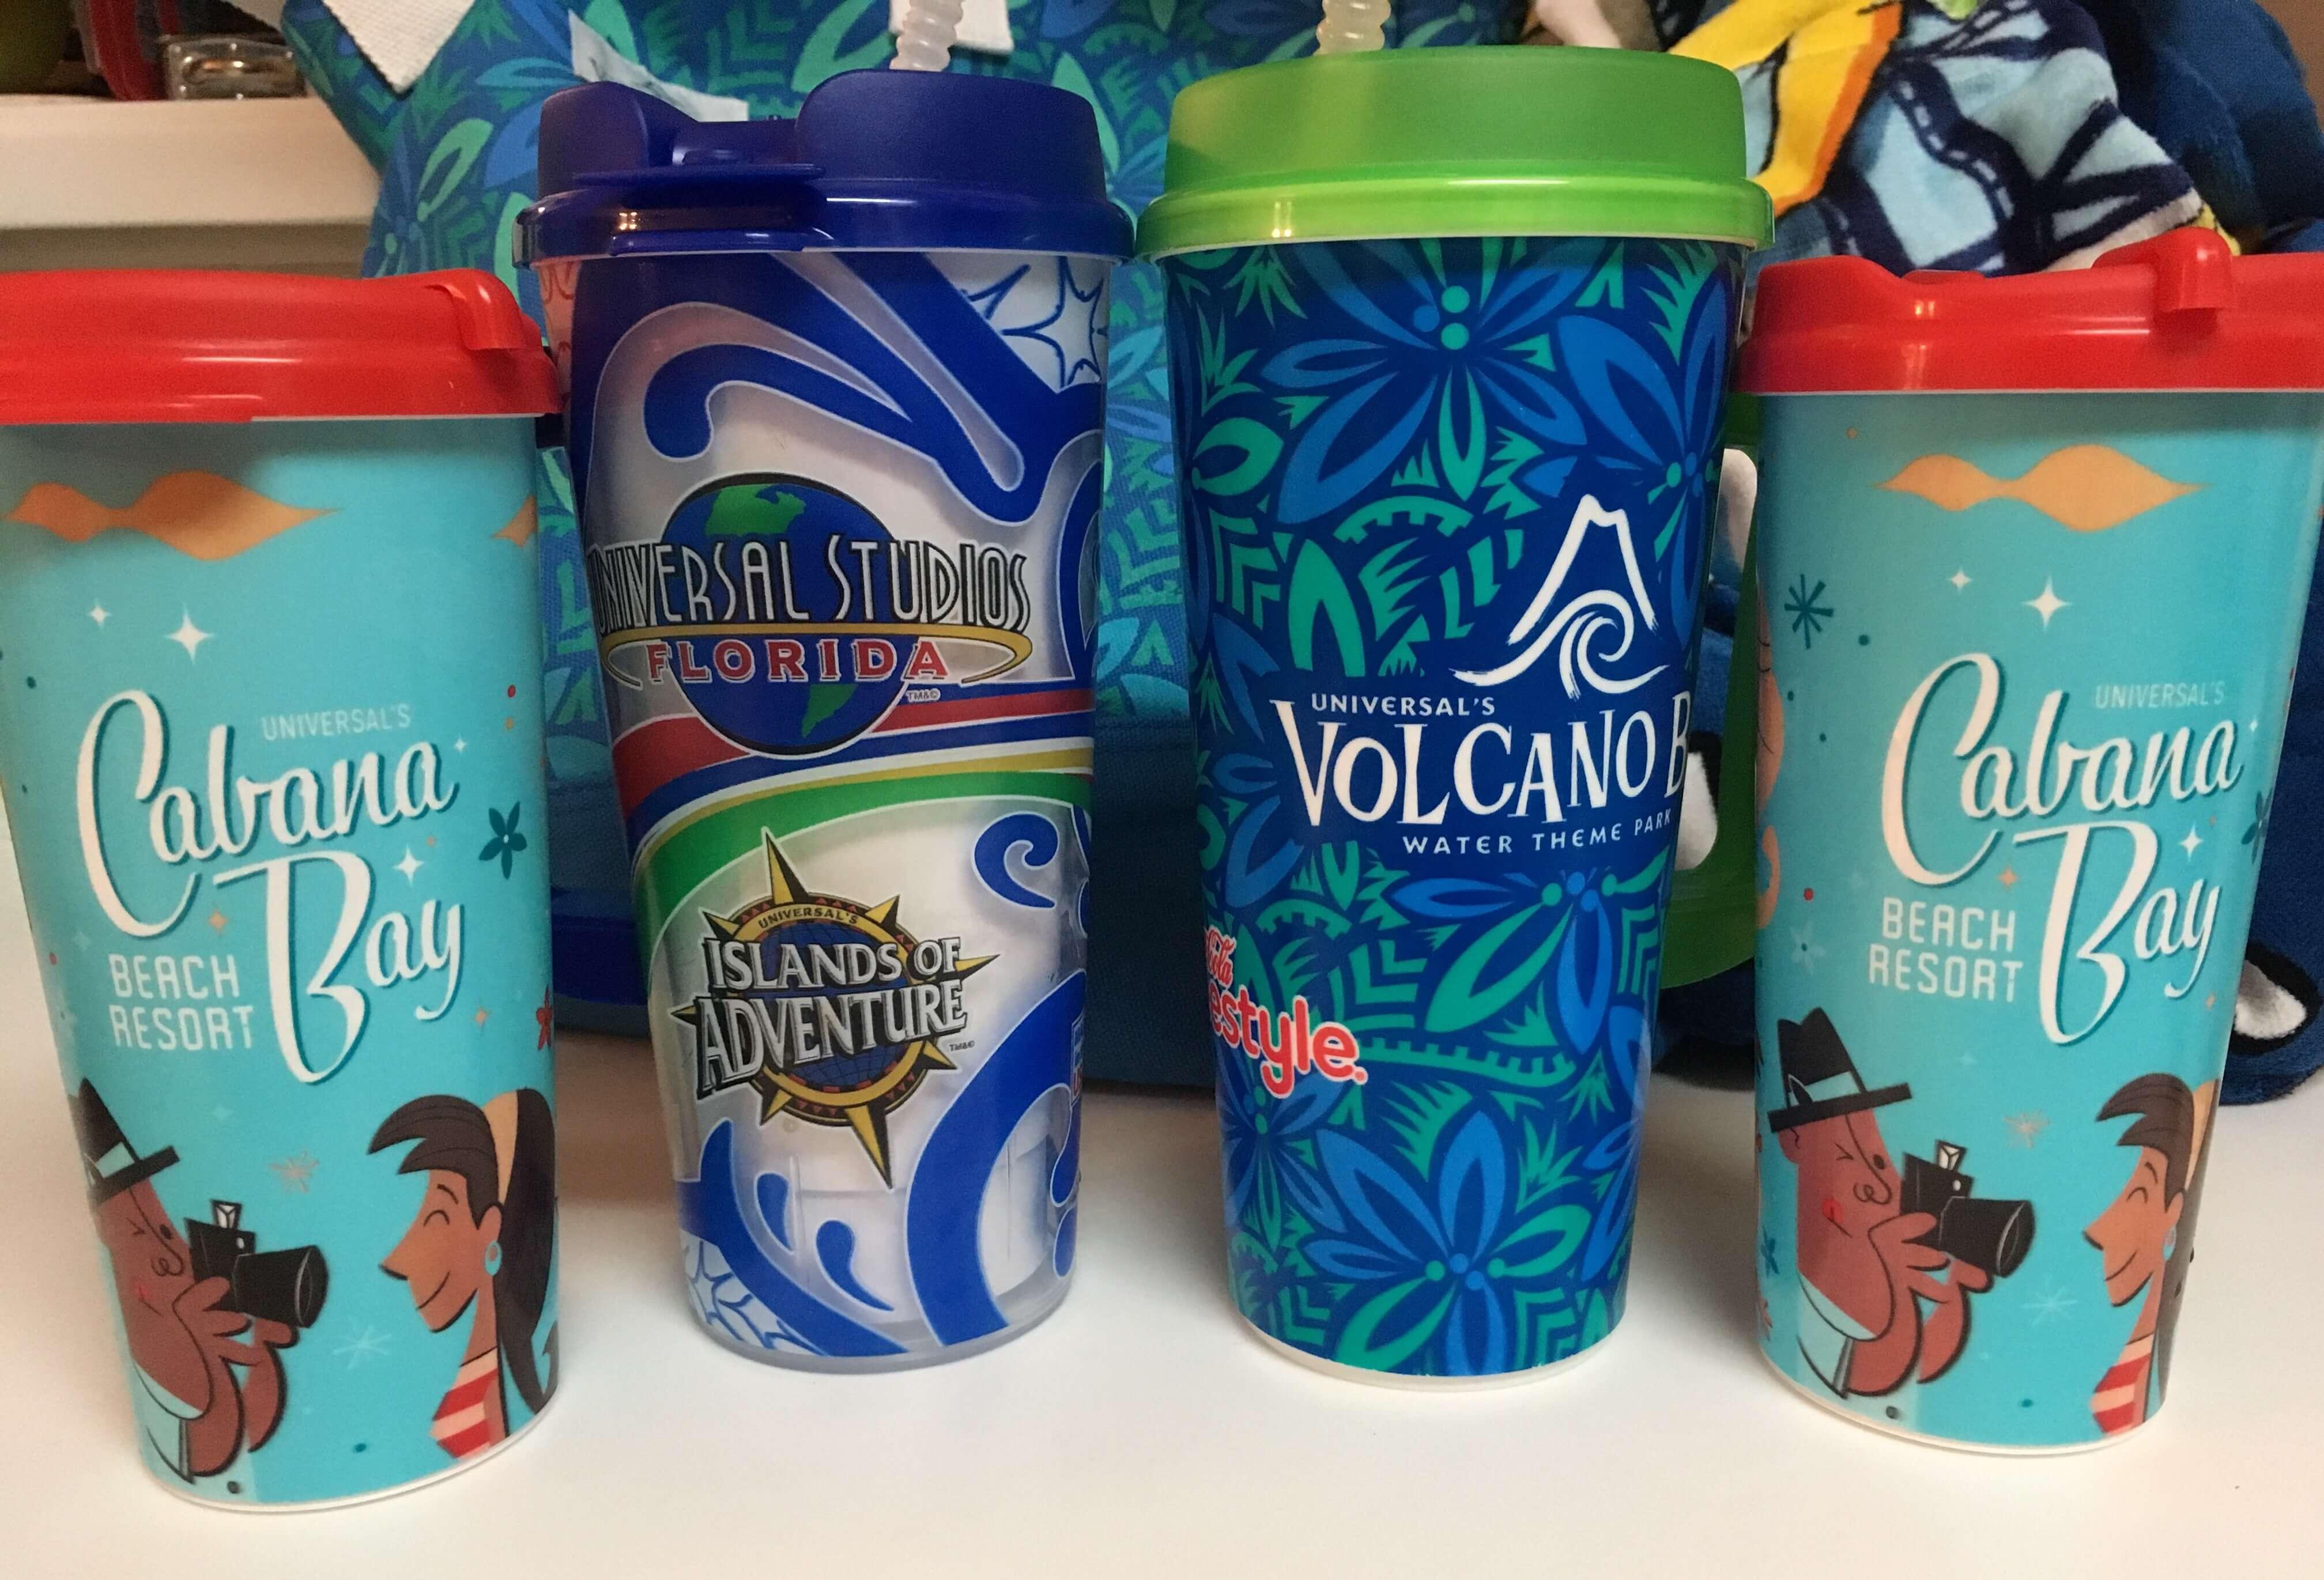 Parque Islands of Adventure Orlando: copo com refil de bebidas